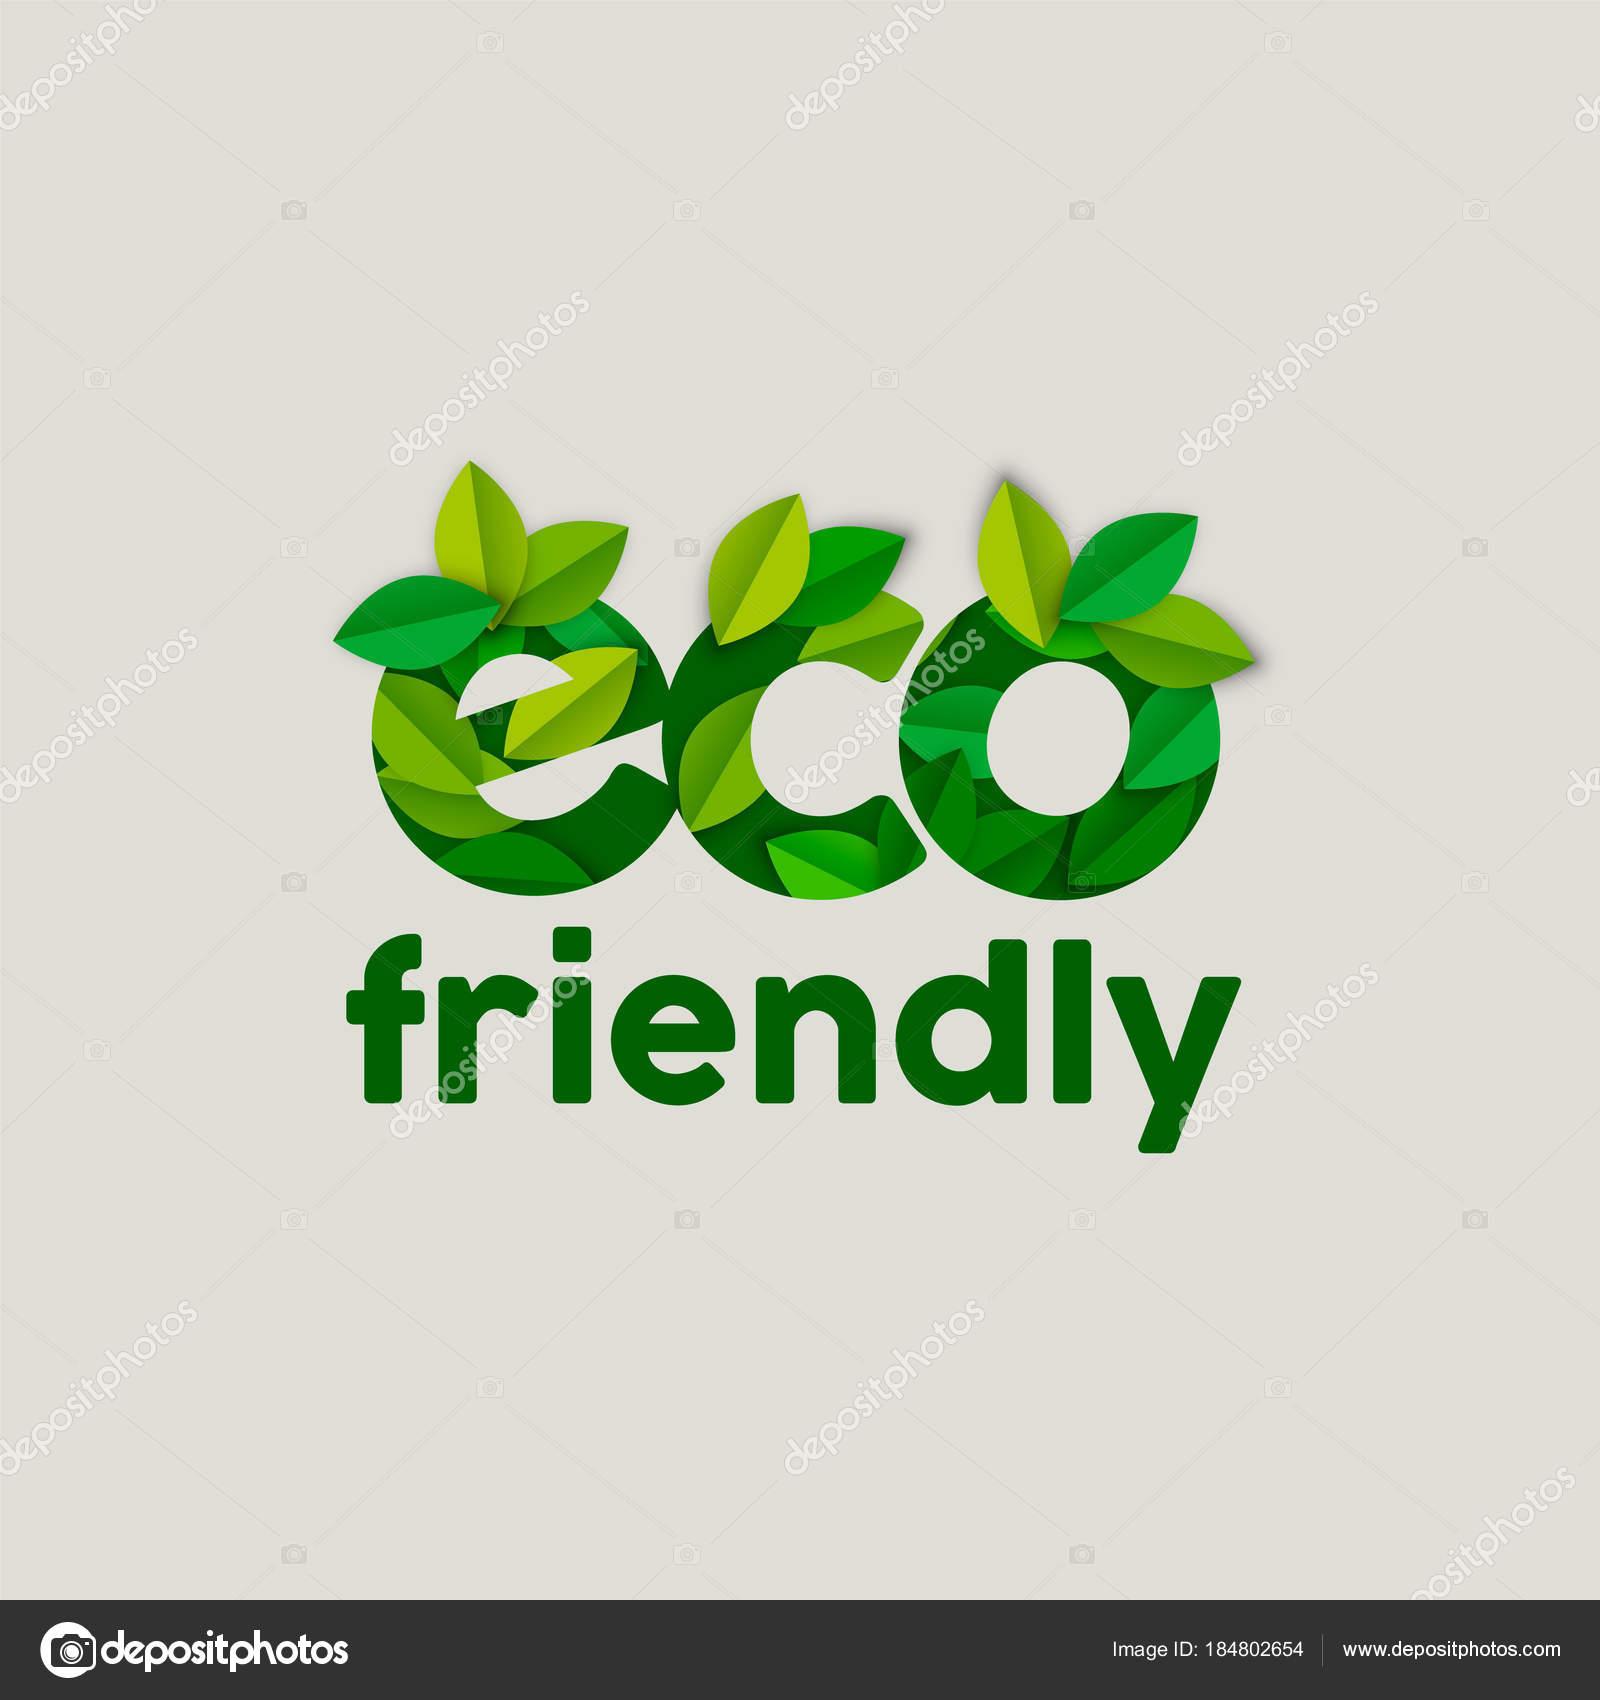 Fotos Espiral Verde 4 1 Palabra Muestra De Texto Amigable Eco